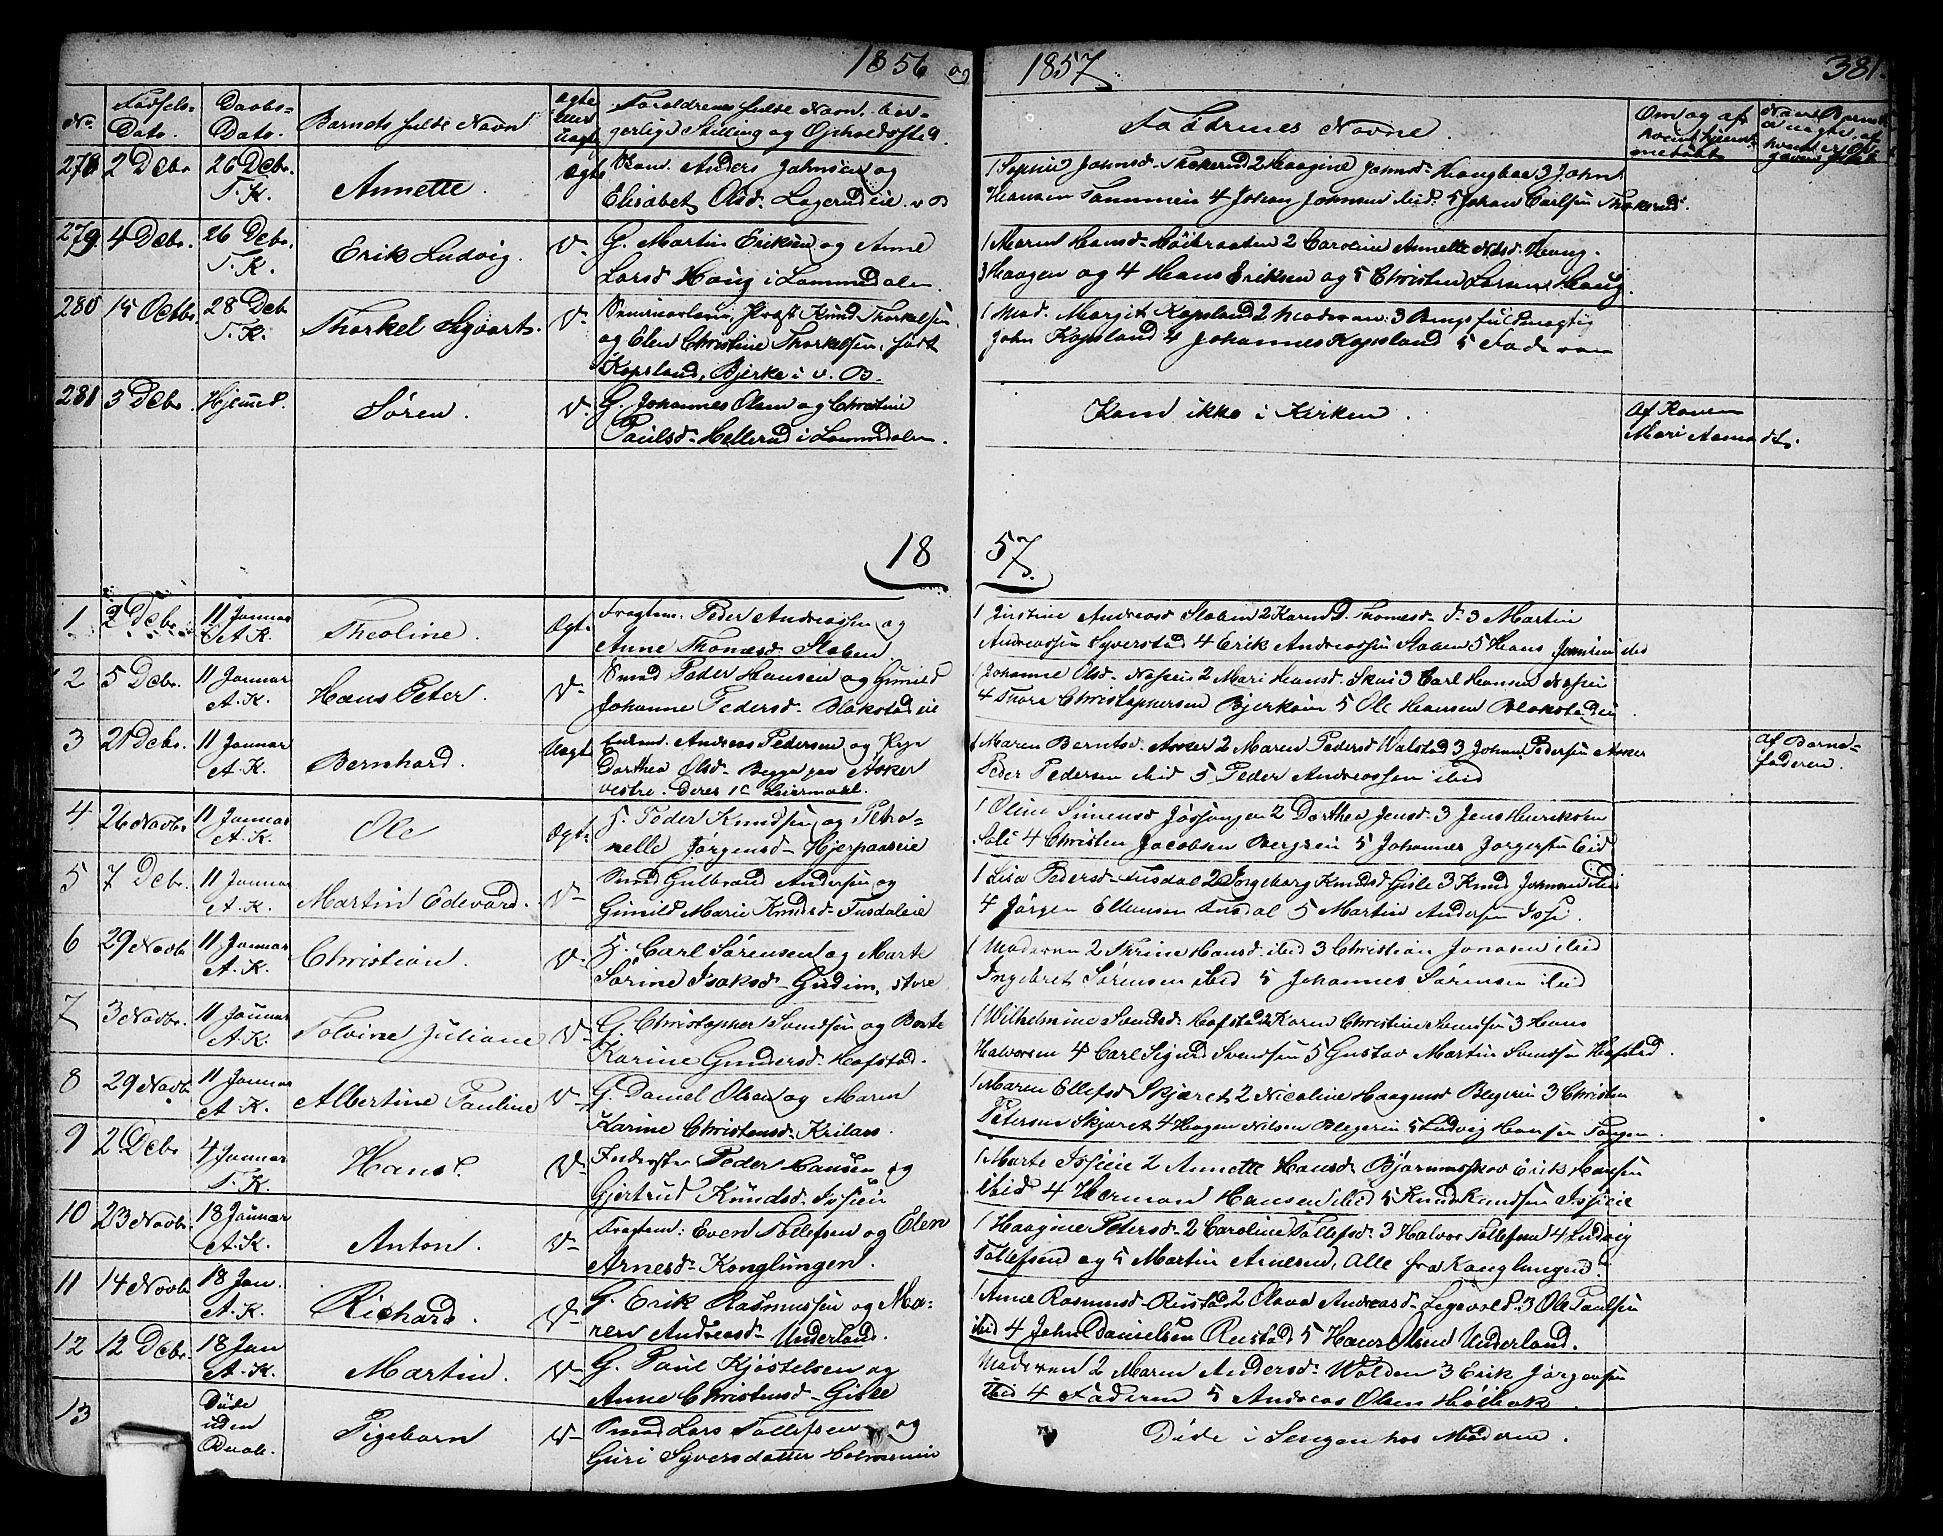 SAO, Asker prestekontor Kirkebøker, F/Fa/L0007: Ministerialbok nr. I 7, 1825-1864, s. 381